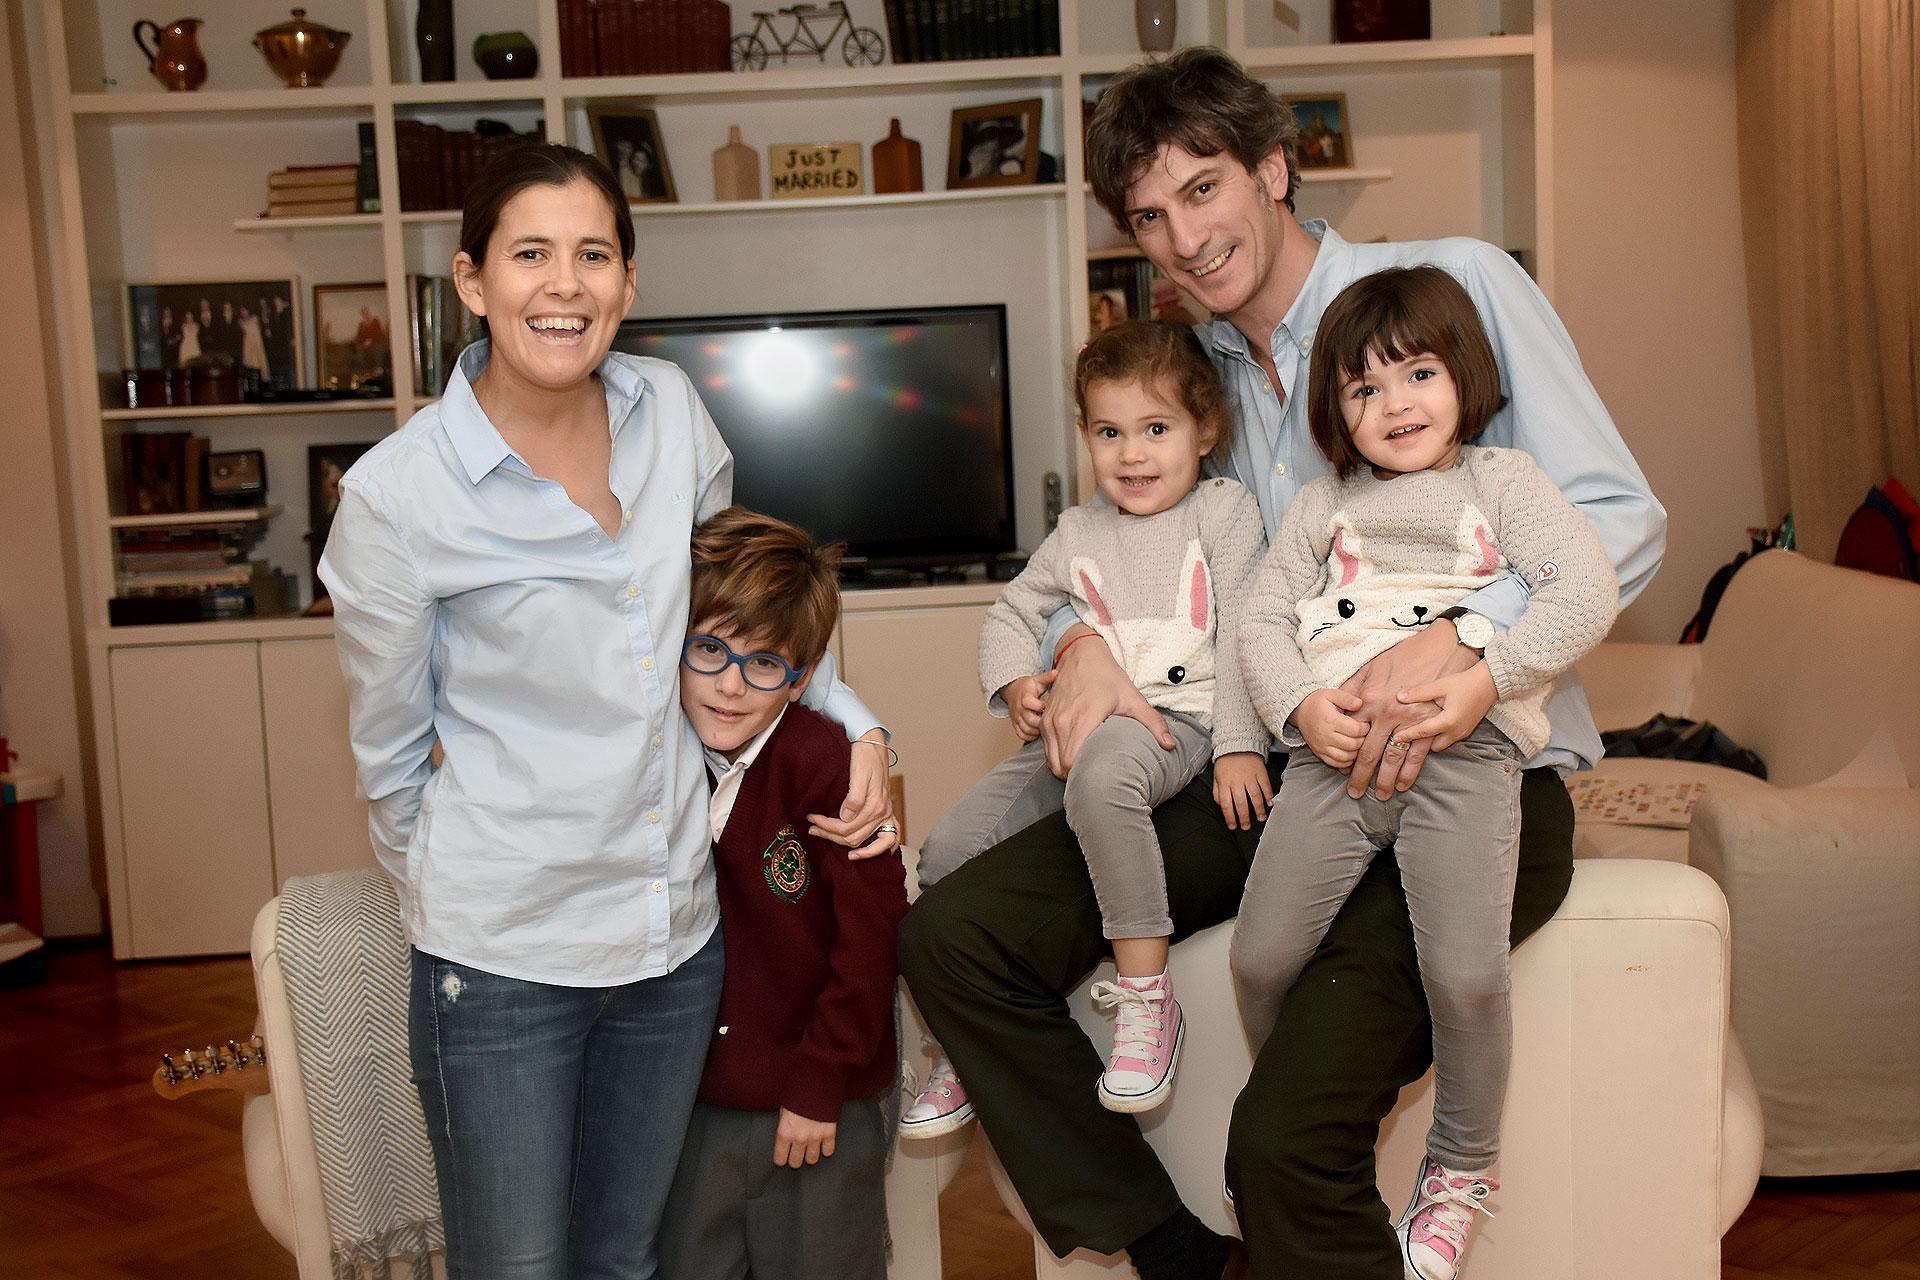 """(Nicolás Stulberg) Jerónimo tiene 7 años y las mellizas Juana y Olivia están por cumplir 3. Los tres embriones fueron concebidos a la vez, por eso son """"trillizos de distinta edad""""."""